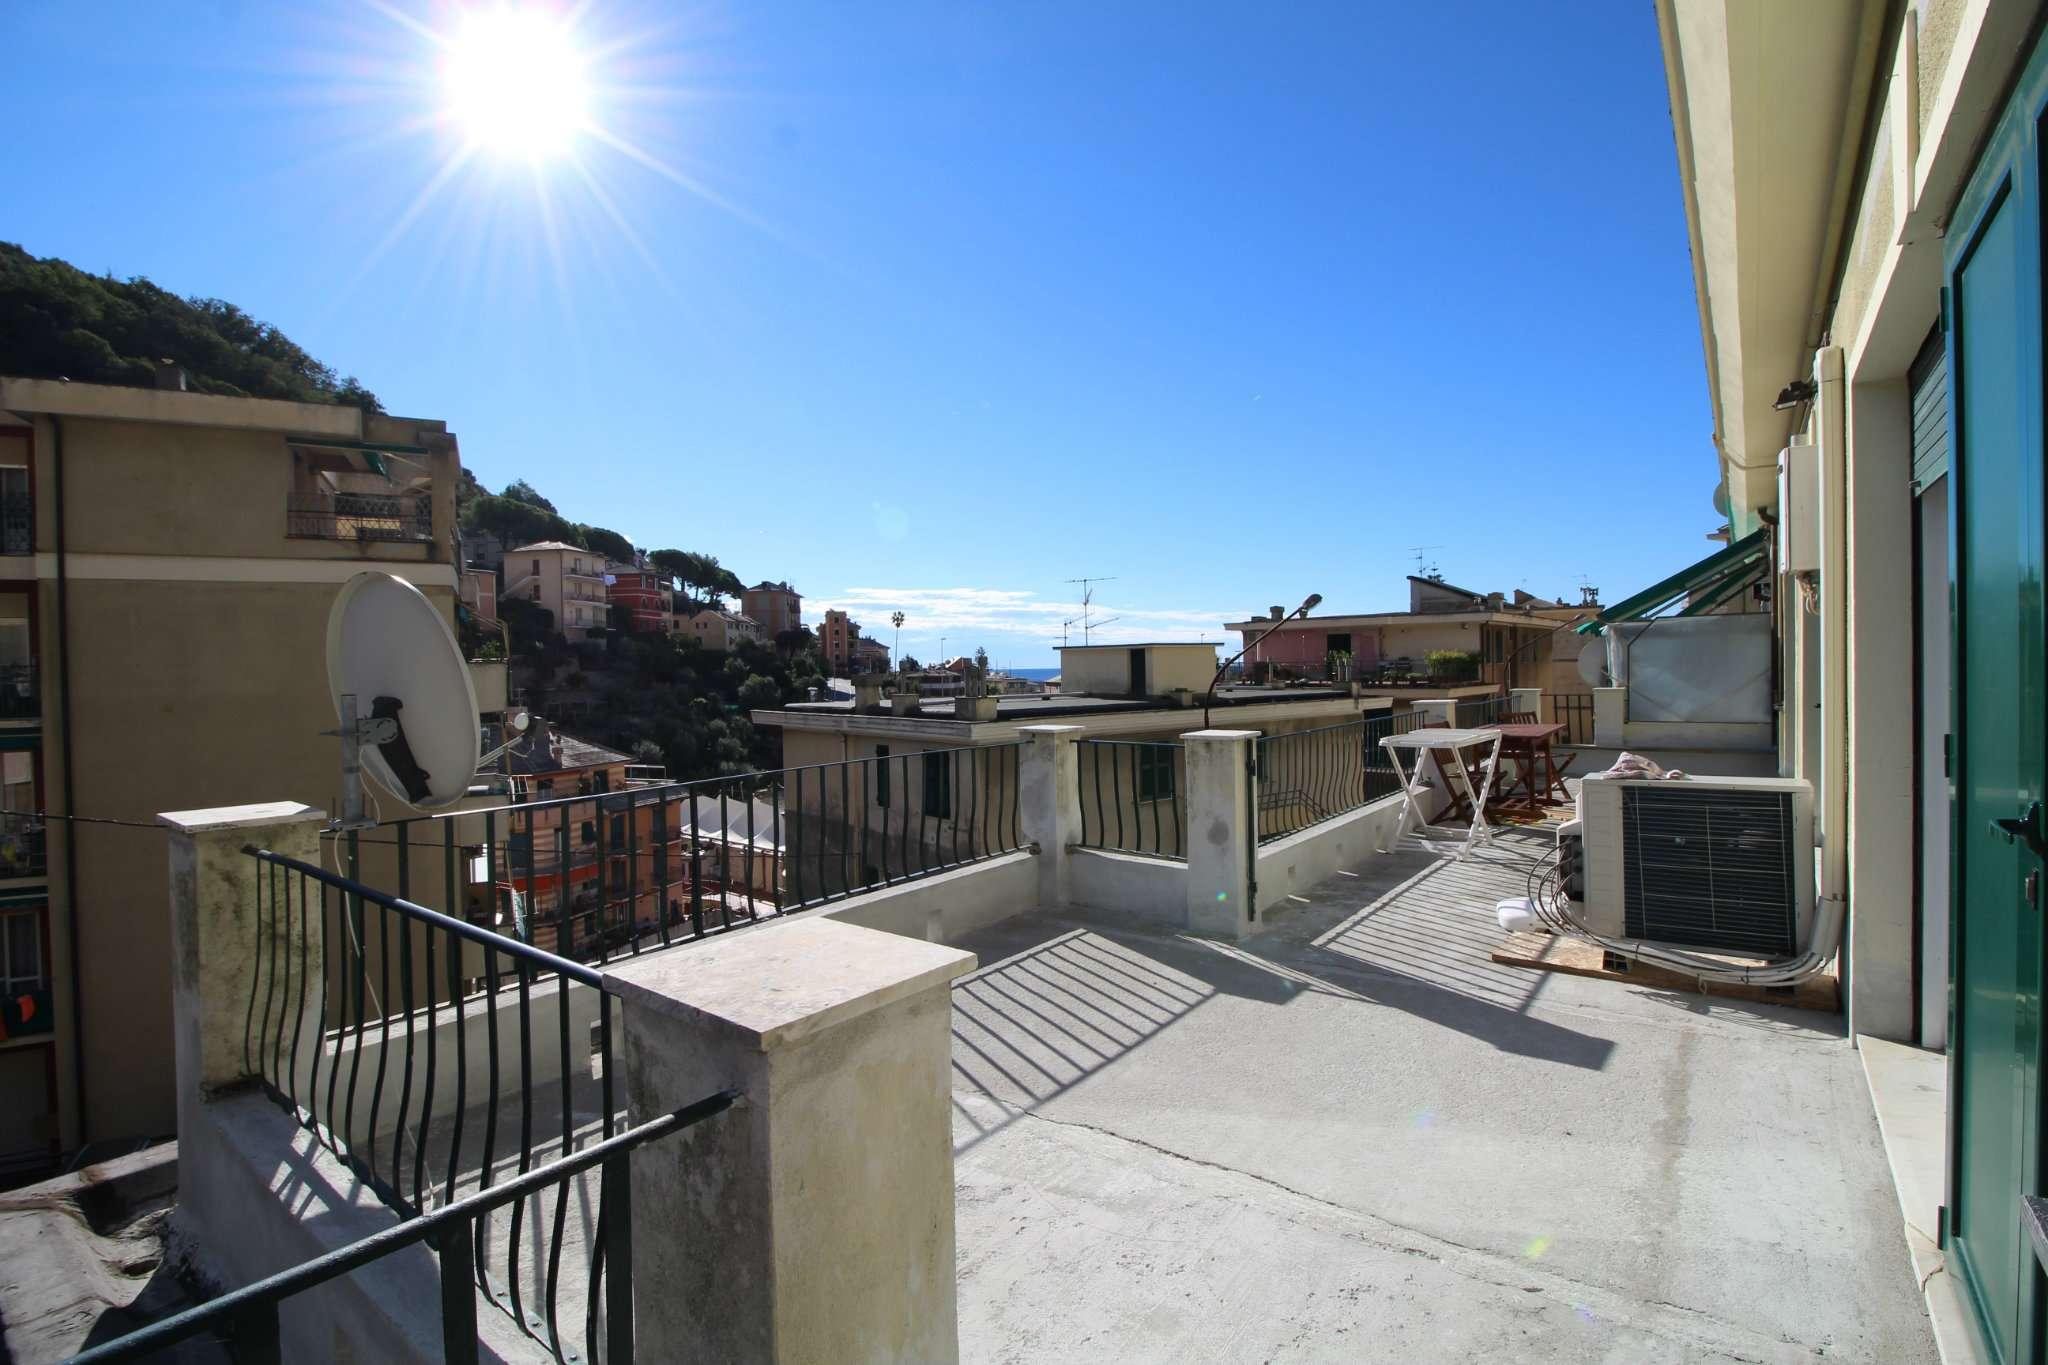 Appartamento in vendita a Bogliasco, 1 locali, prezzo € 103.000 | CambioCasa.it